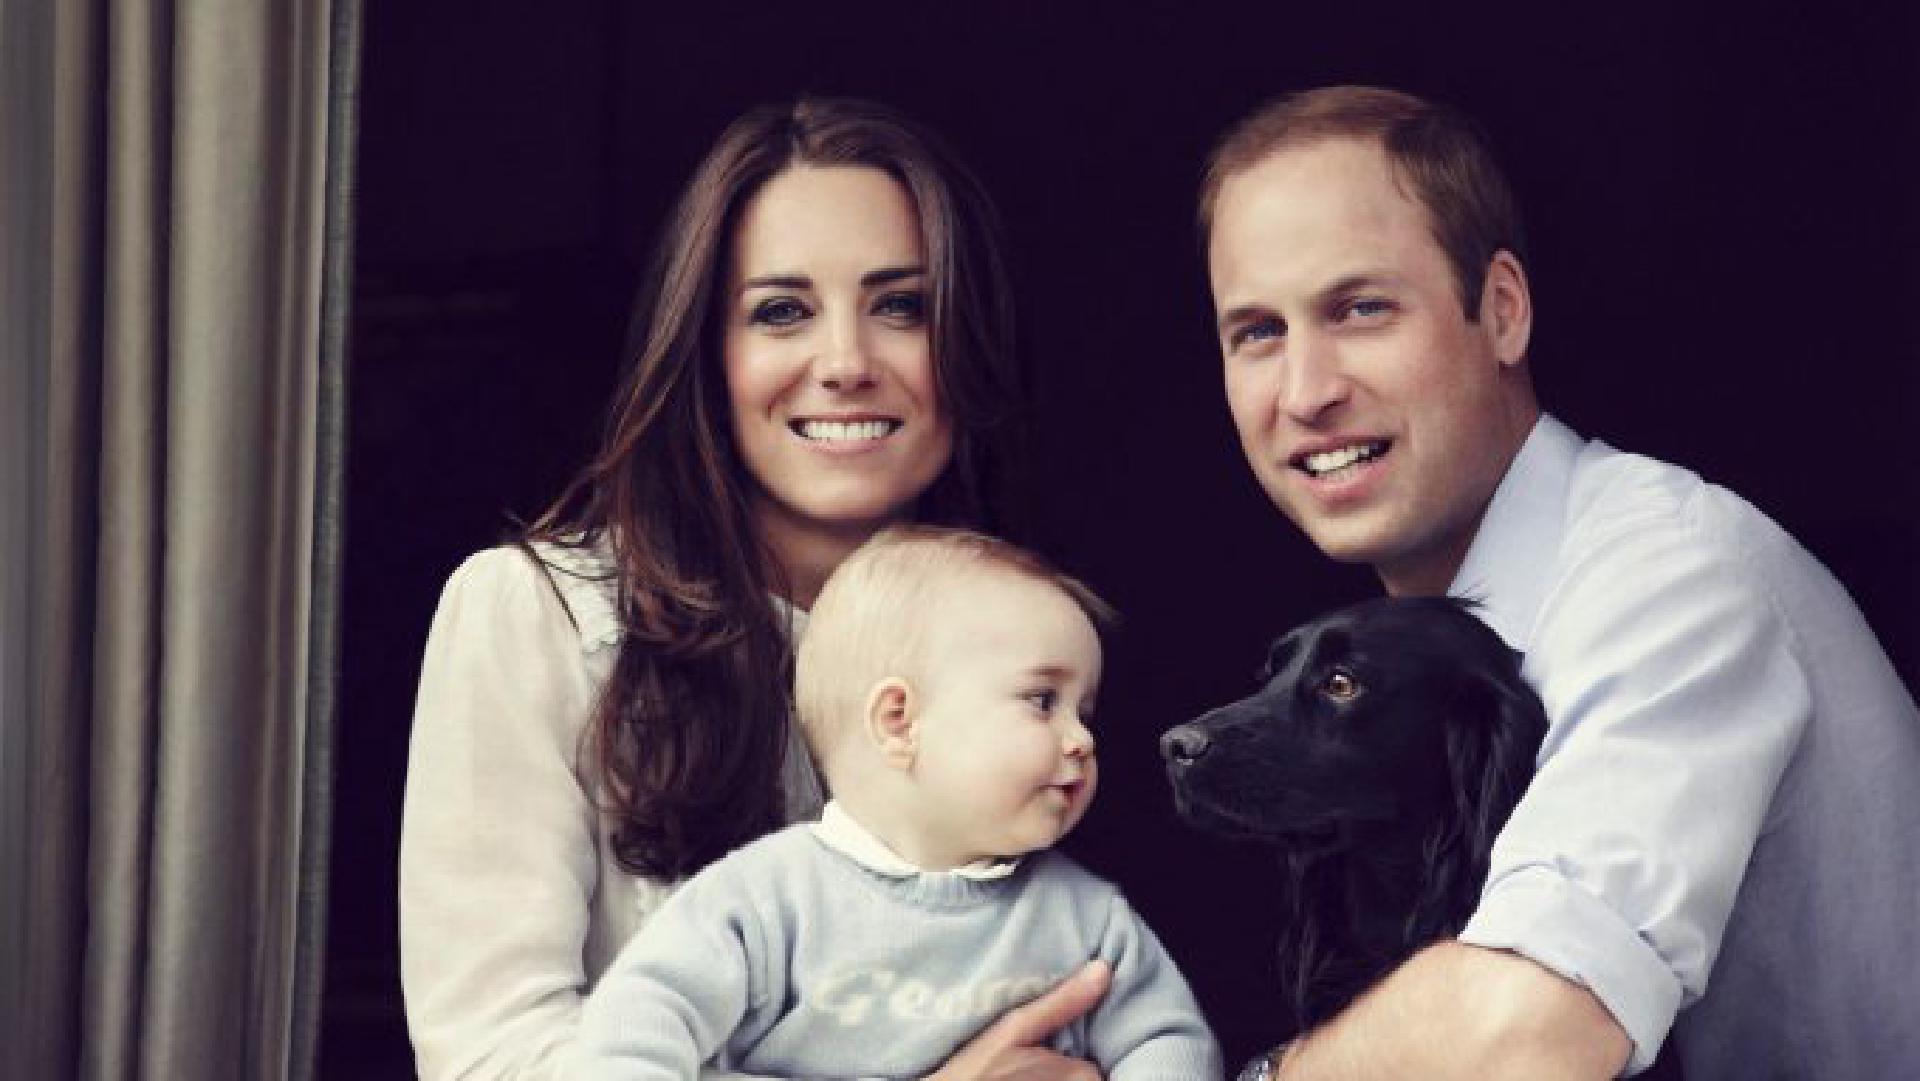 Die Familie am Fenster ihrer Wohnung im Kensington Palast (Foto: dpa)